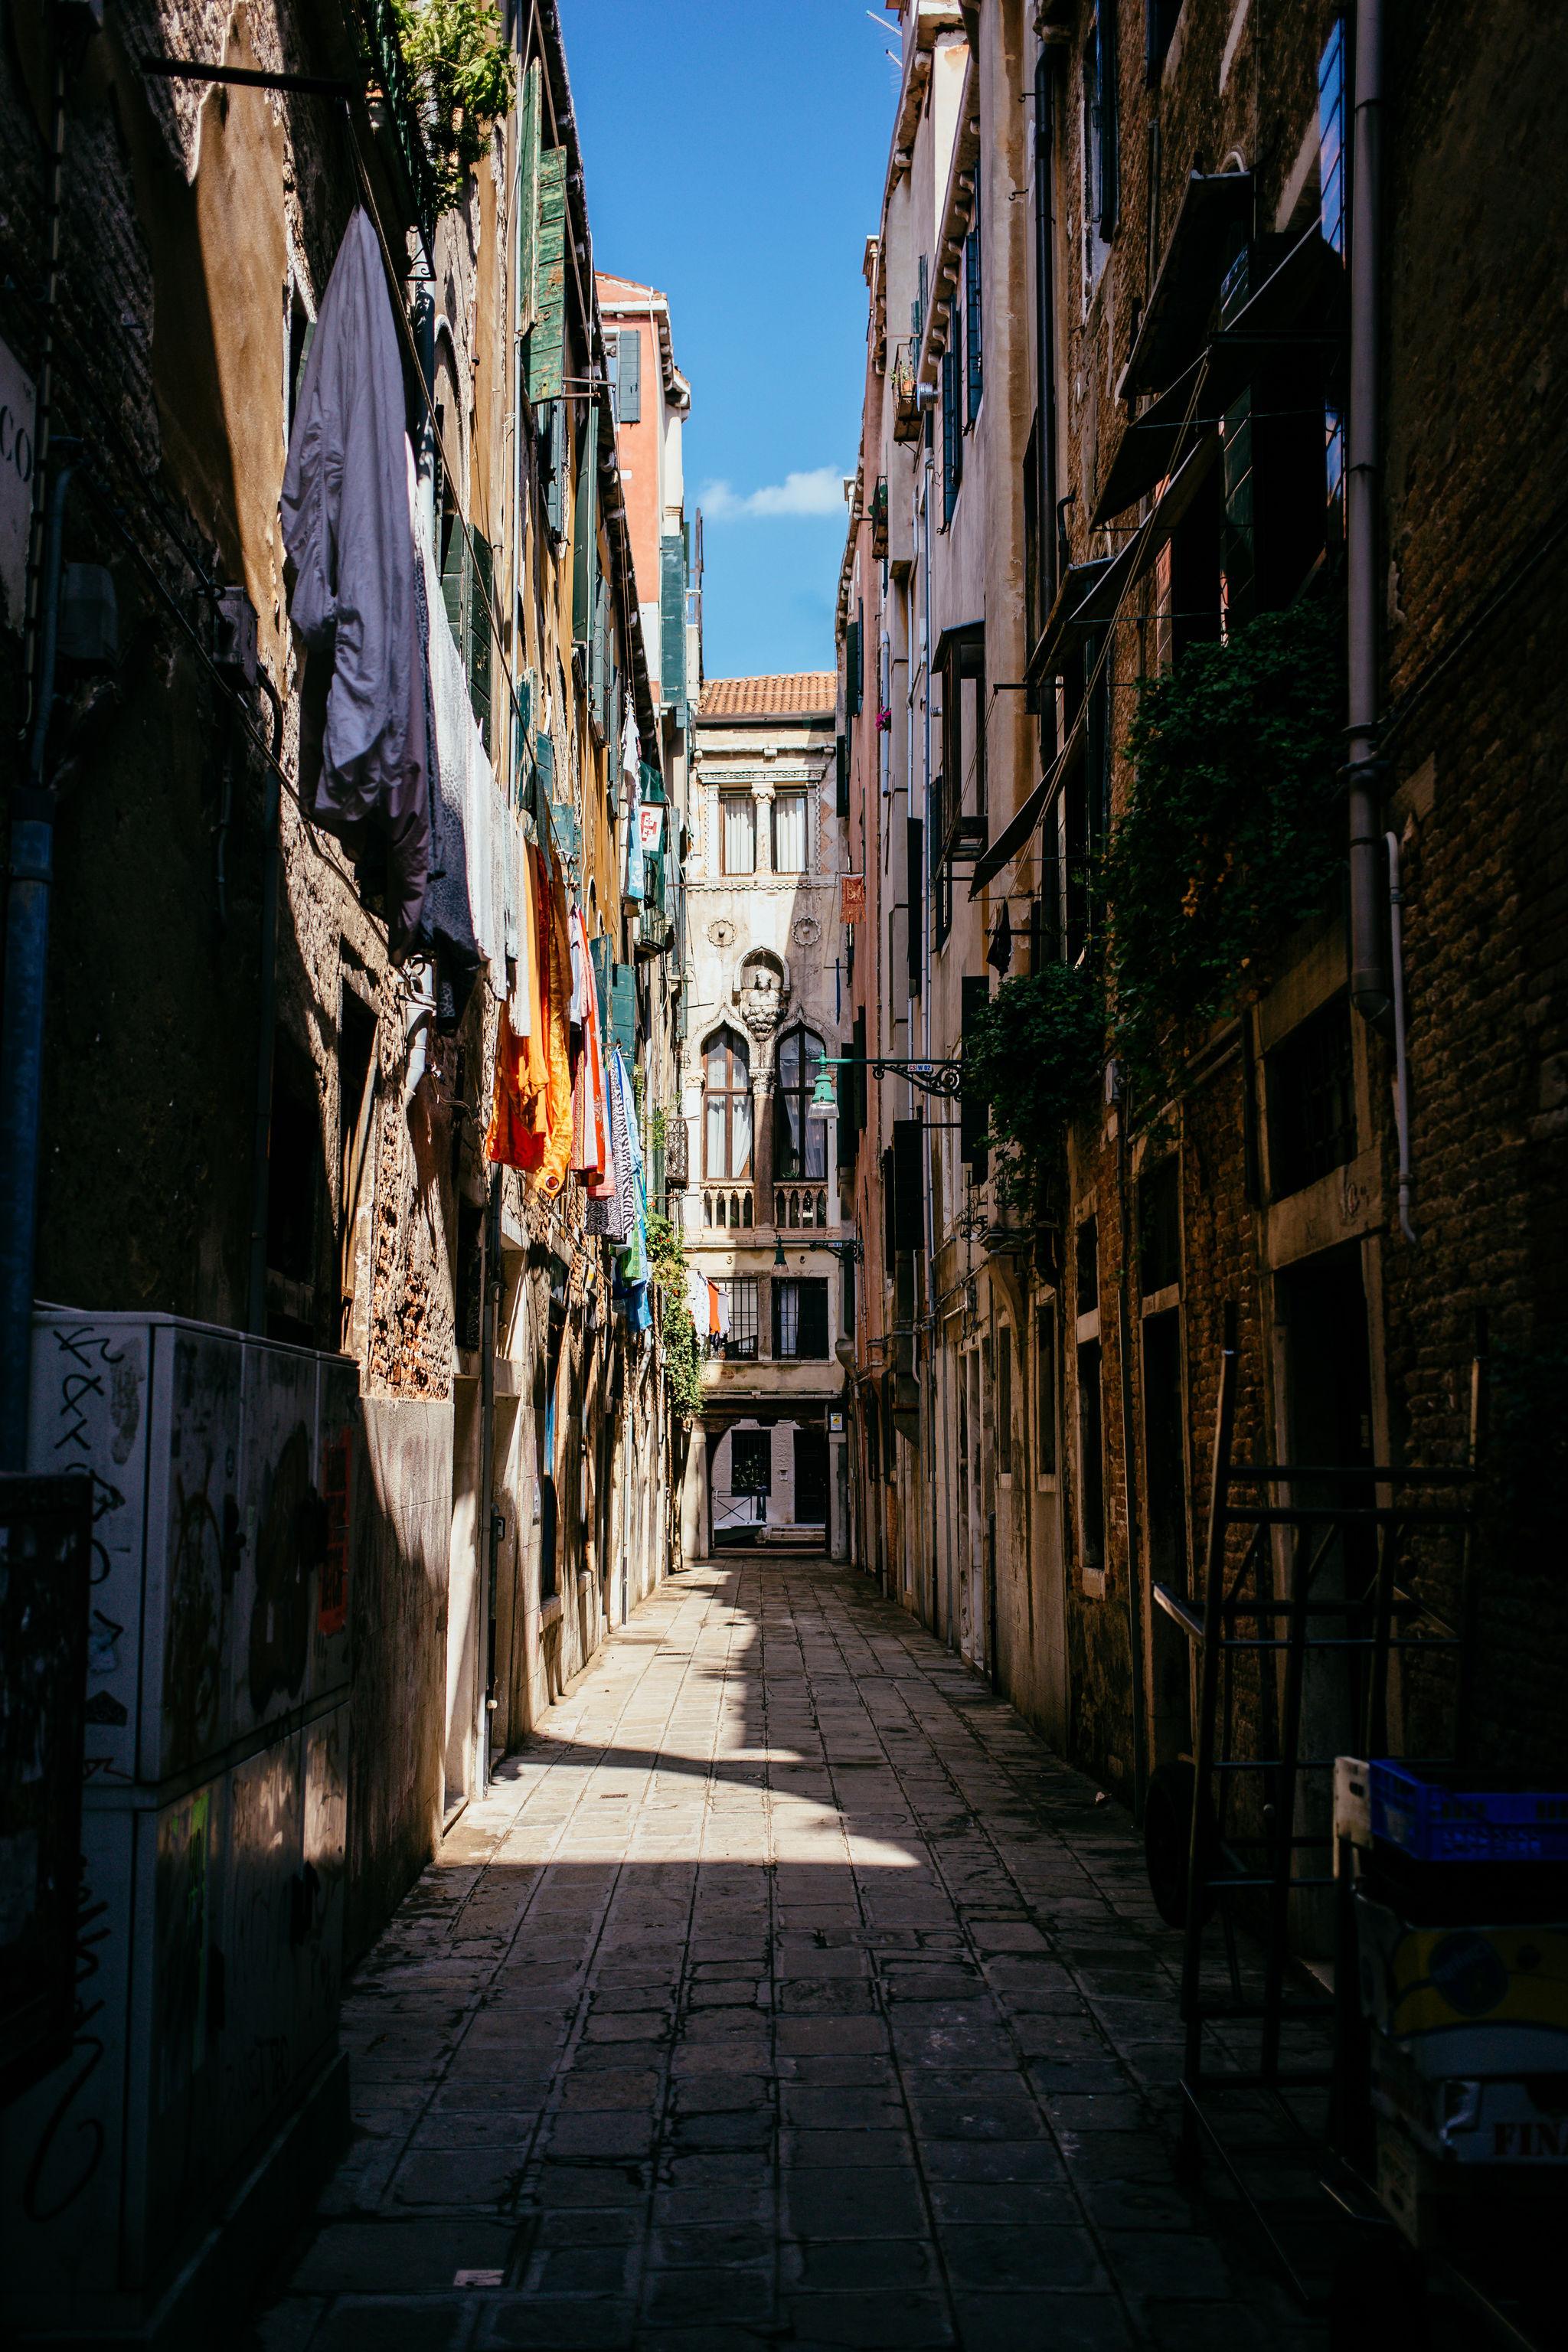 Venice Alleys II